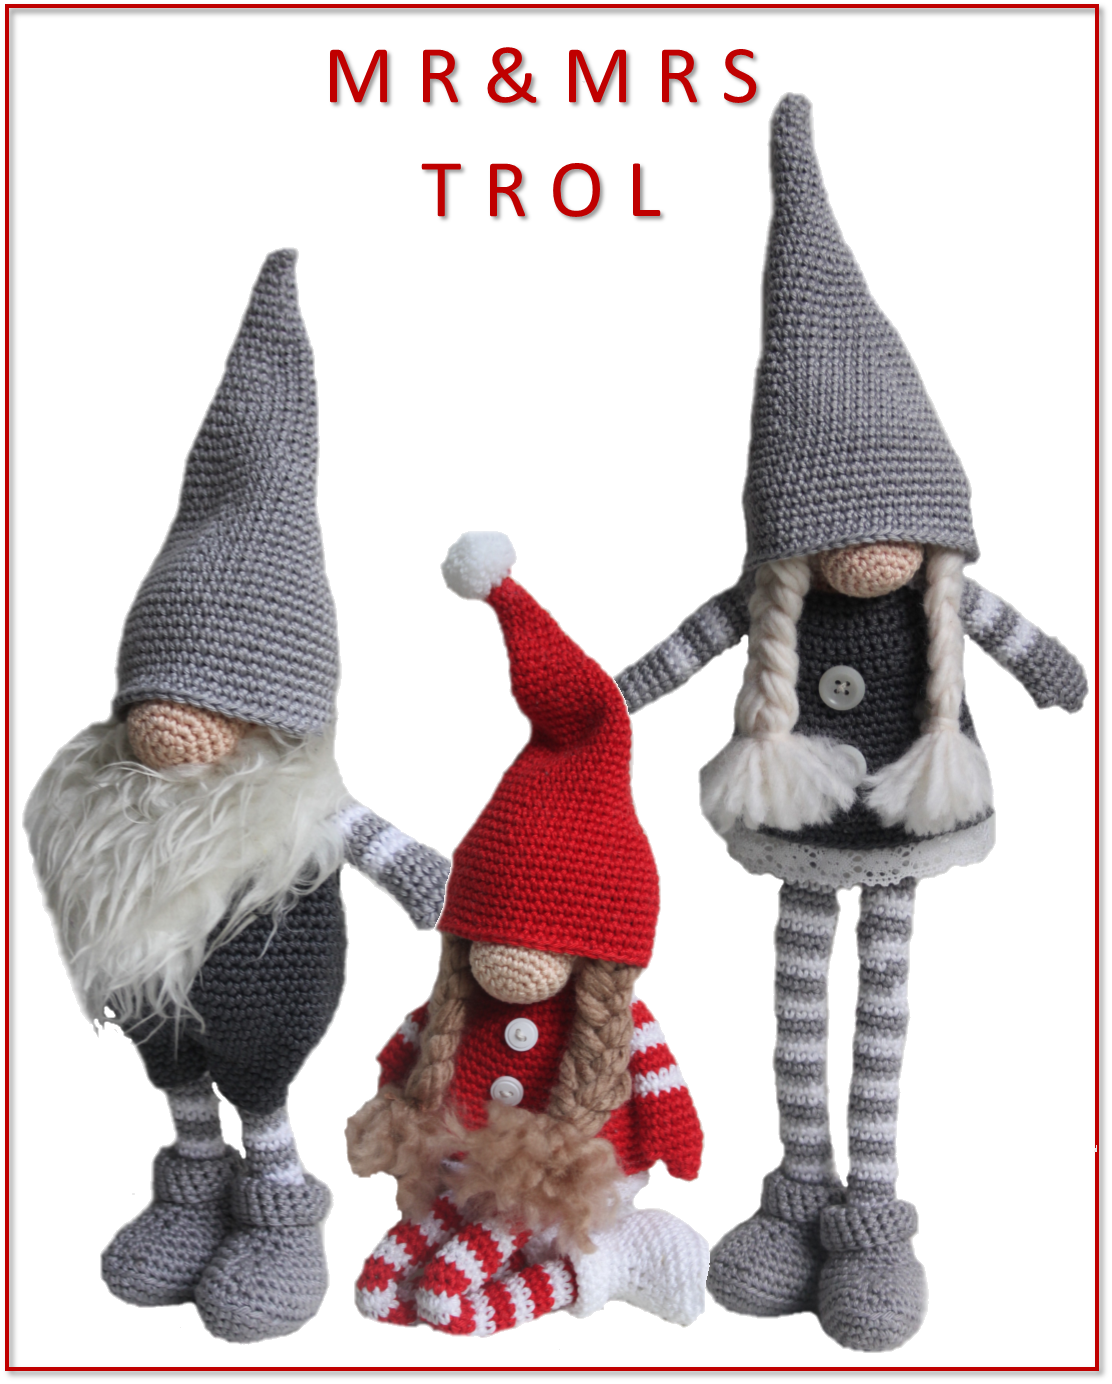 Mrmrs Trol Kerstpoppen Haken Tomte Kabouter Crochet Yarn